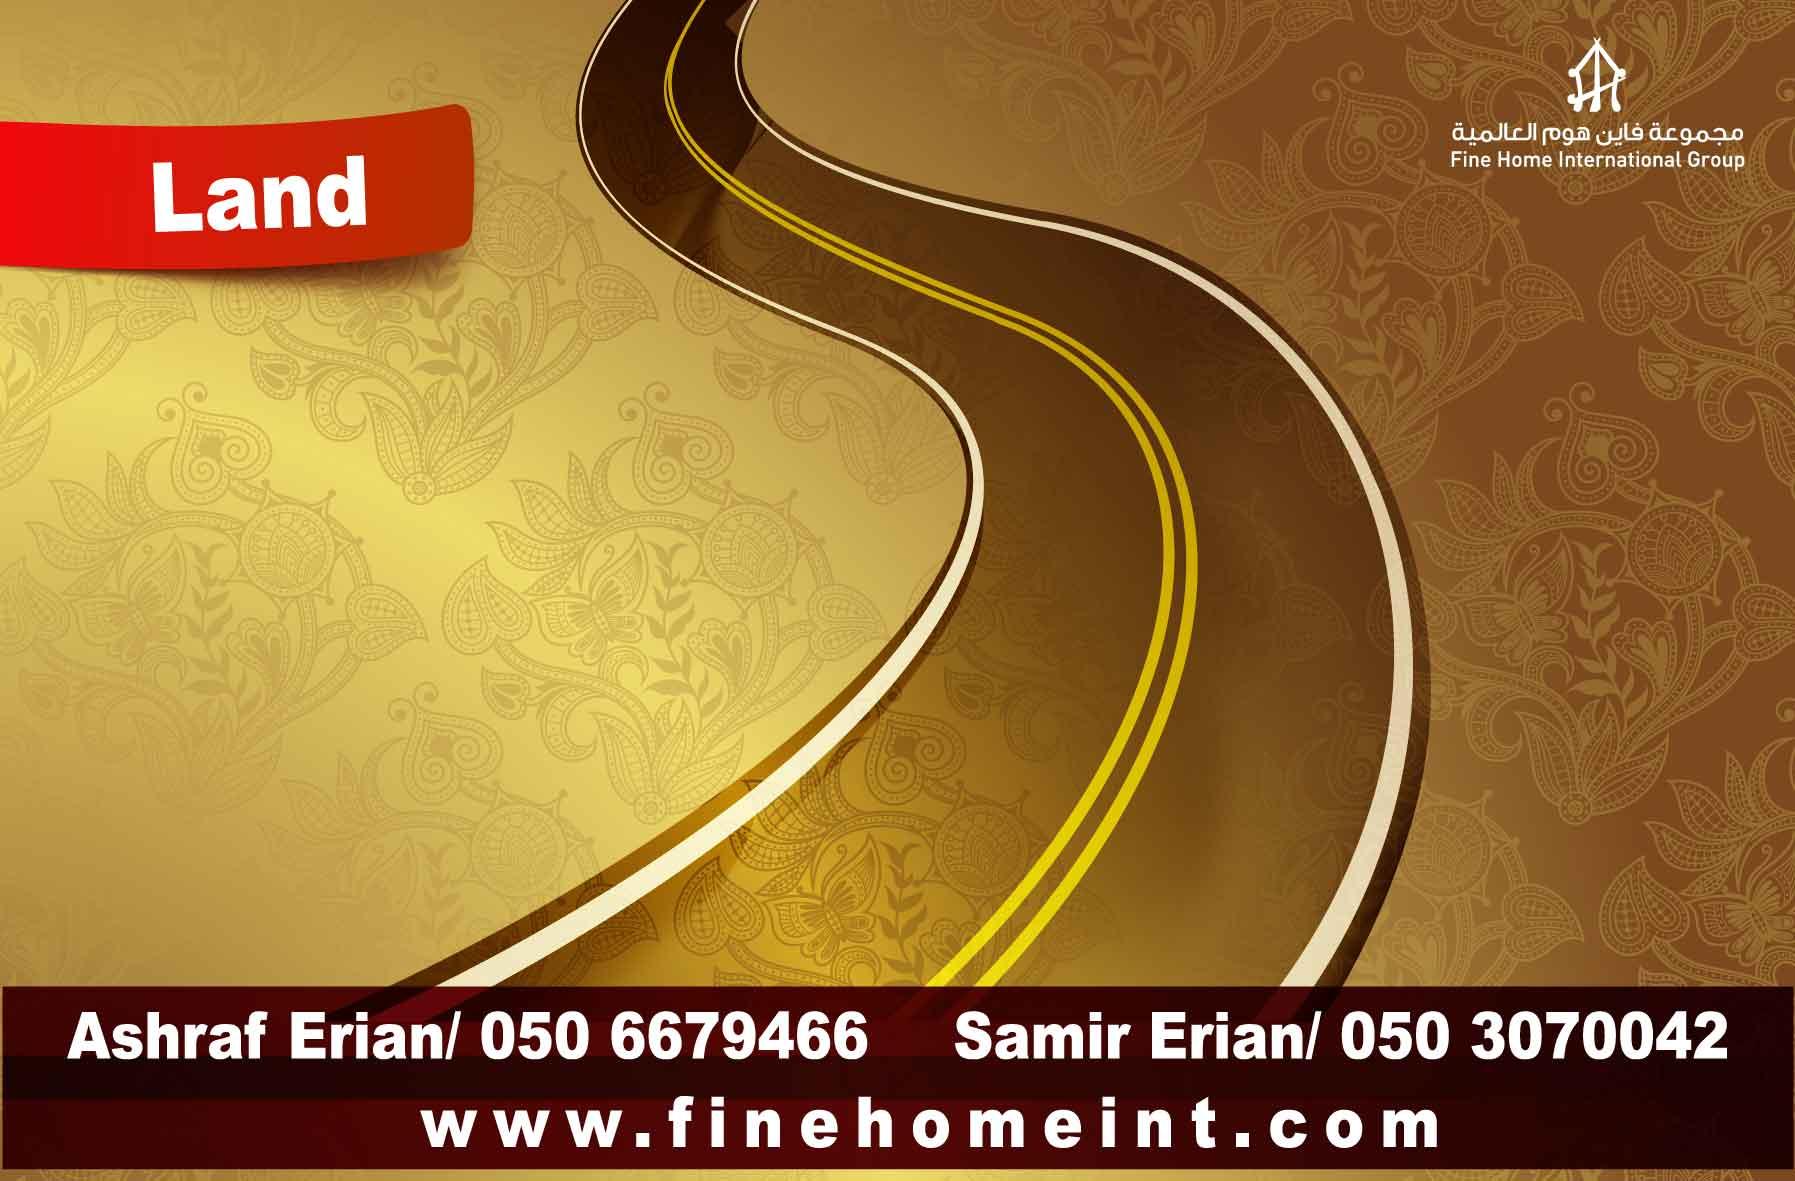 للبيع سكنية روضة ابوظبي –l_200 441145358.jpg